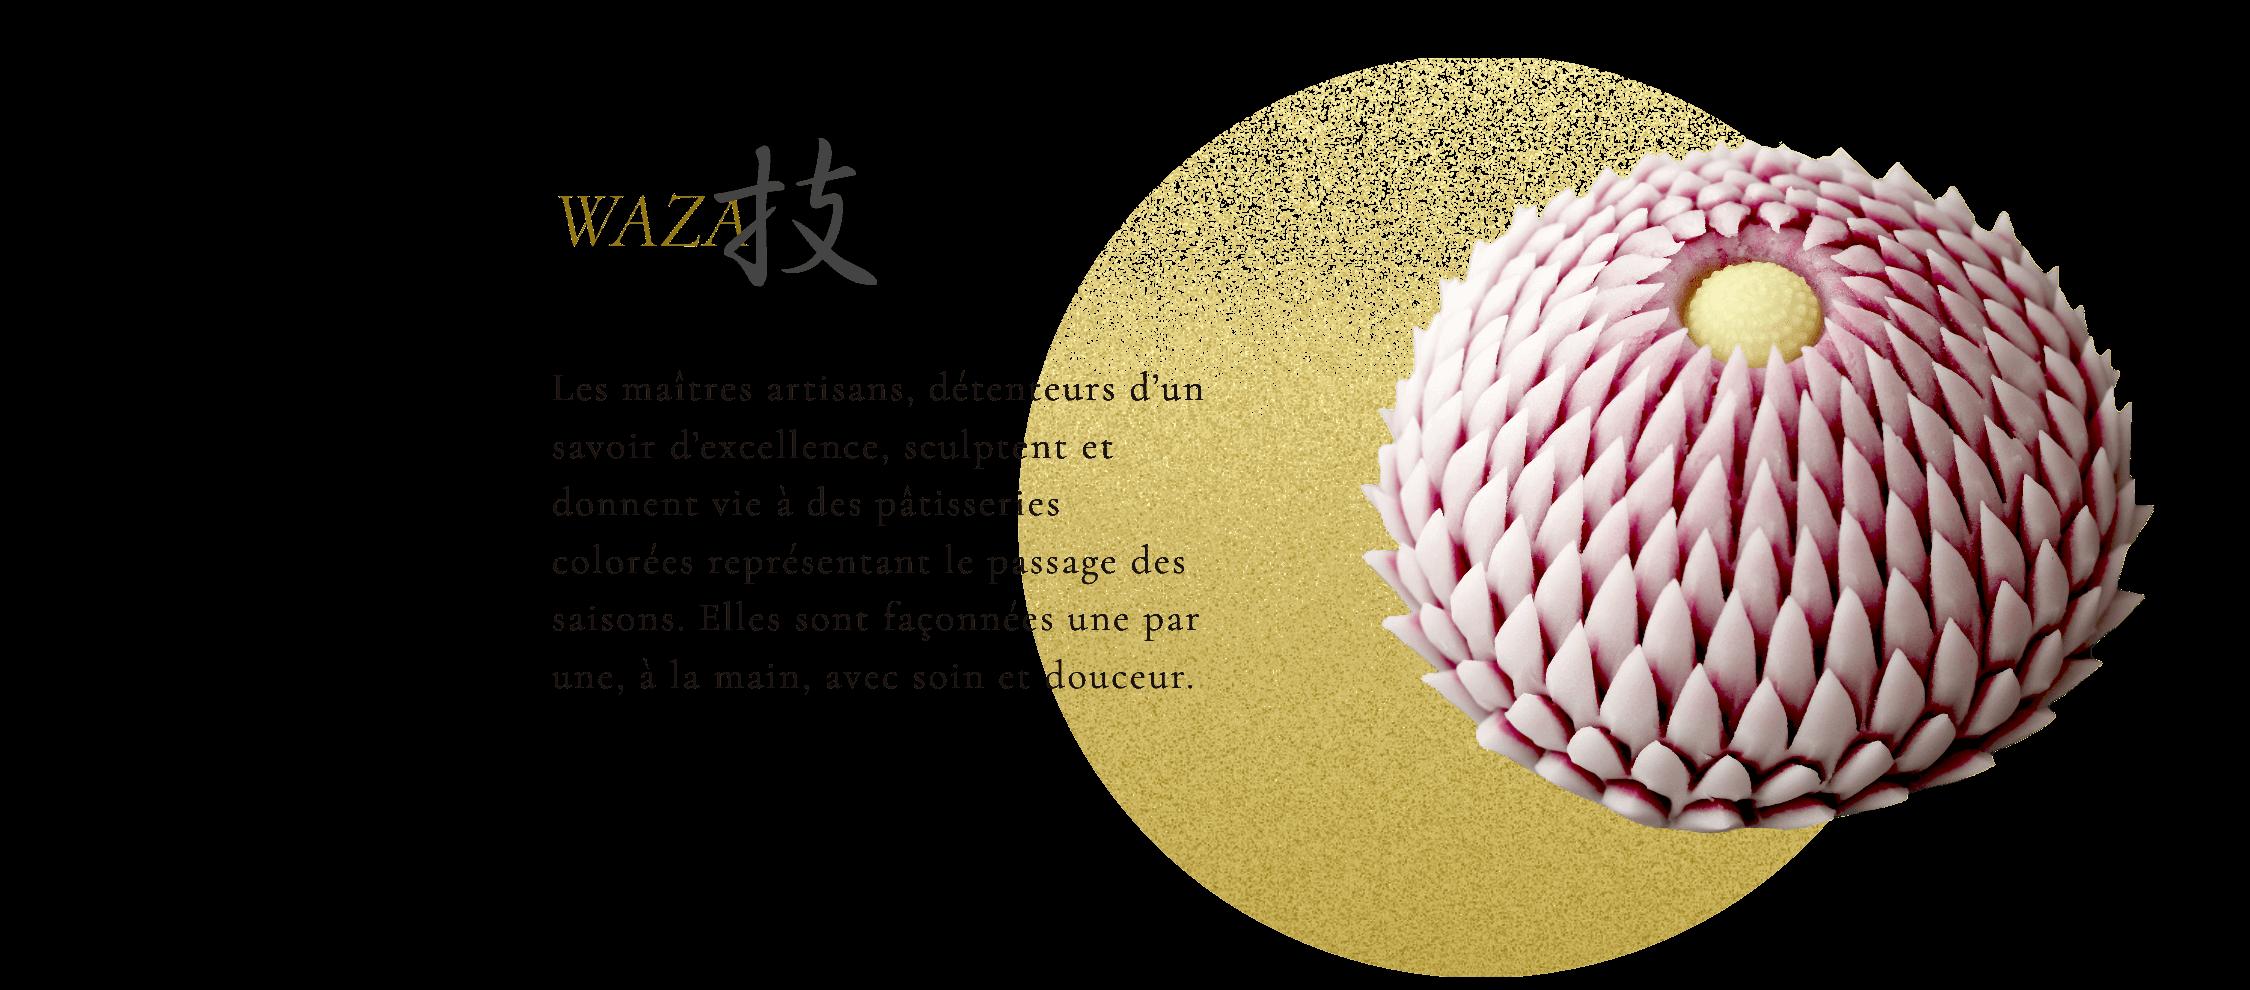 技 Les maîtres artisans, détenteurs d'un savoir d'excellence, sculptent et donnent vie à des pâtisseries colorées représentant le passage des saisons. Elles sont façonnées une par une, à la main, avec soin et douceur.